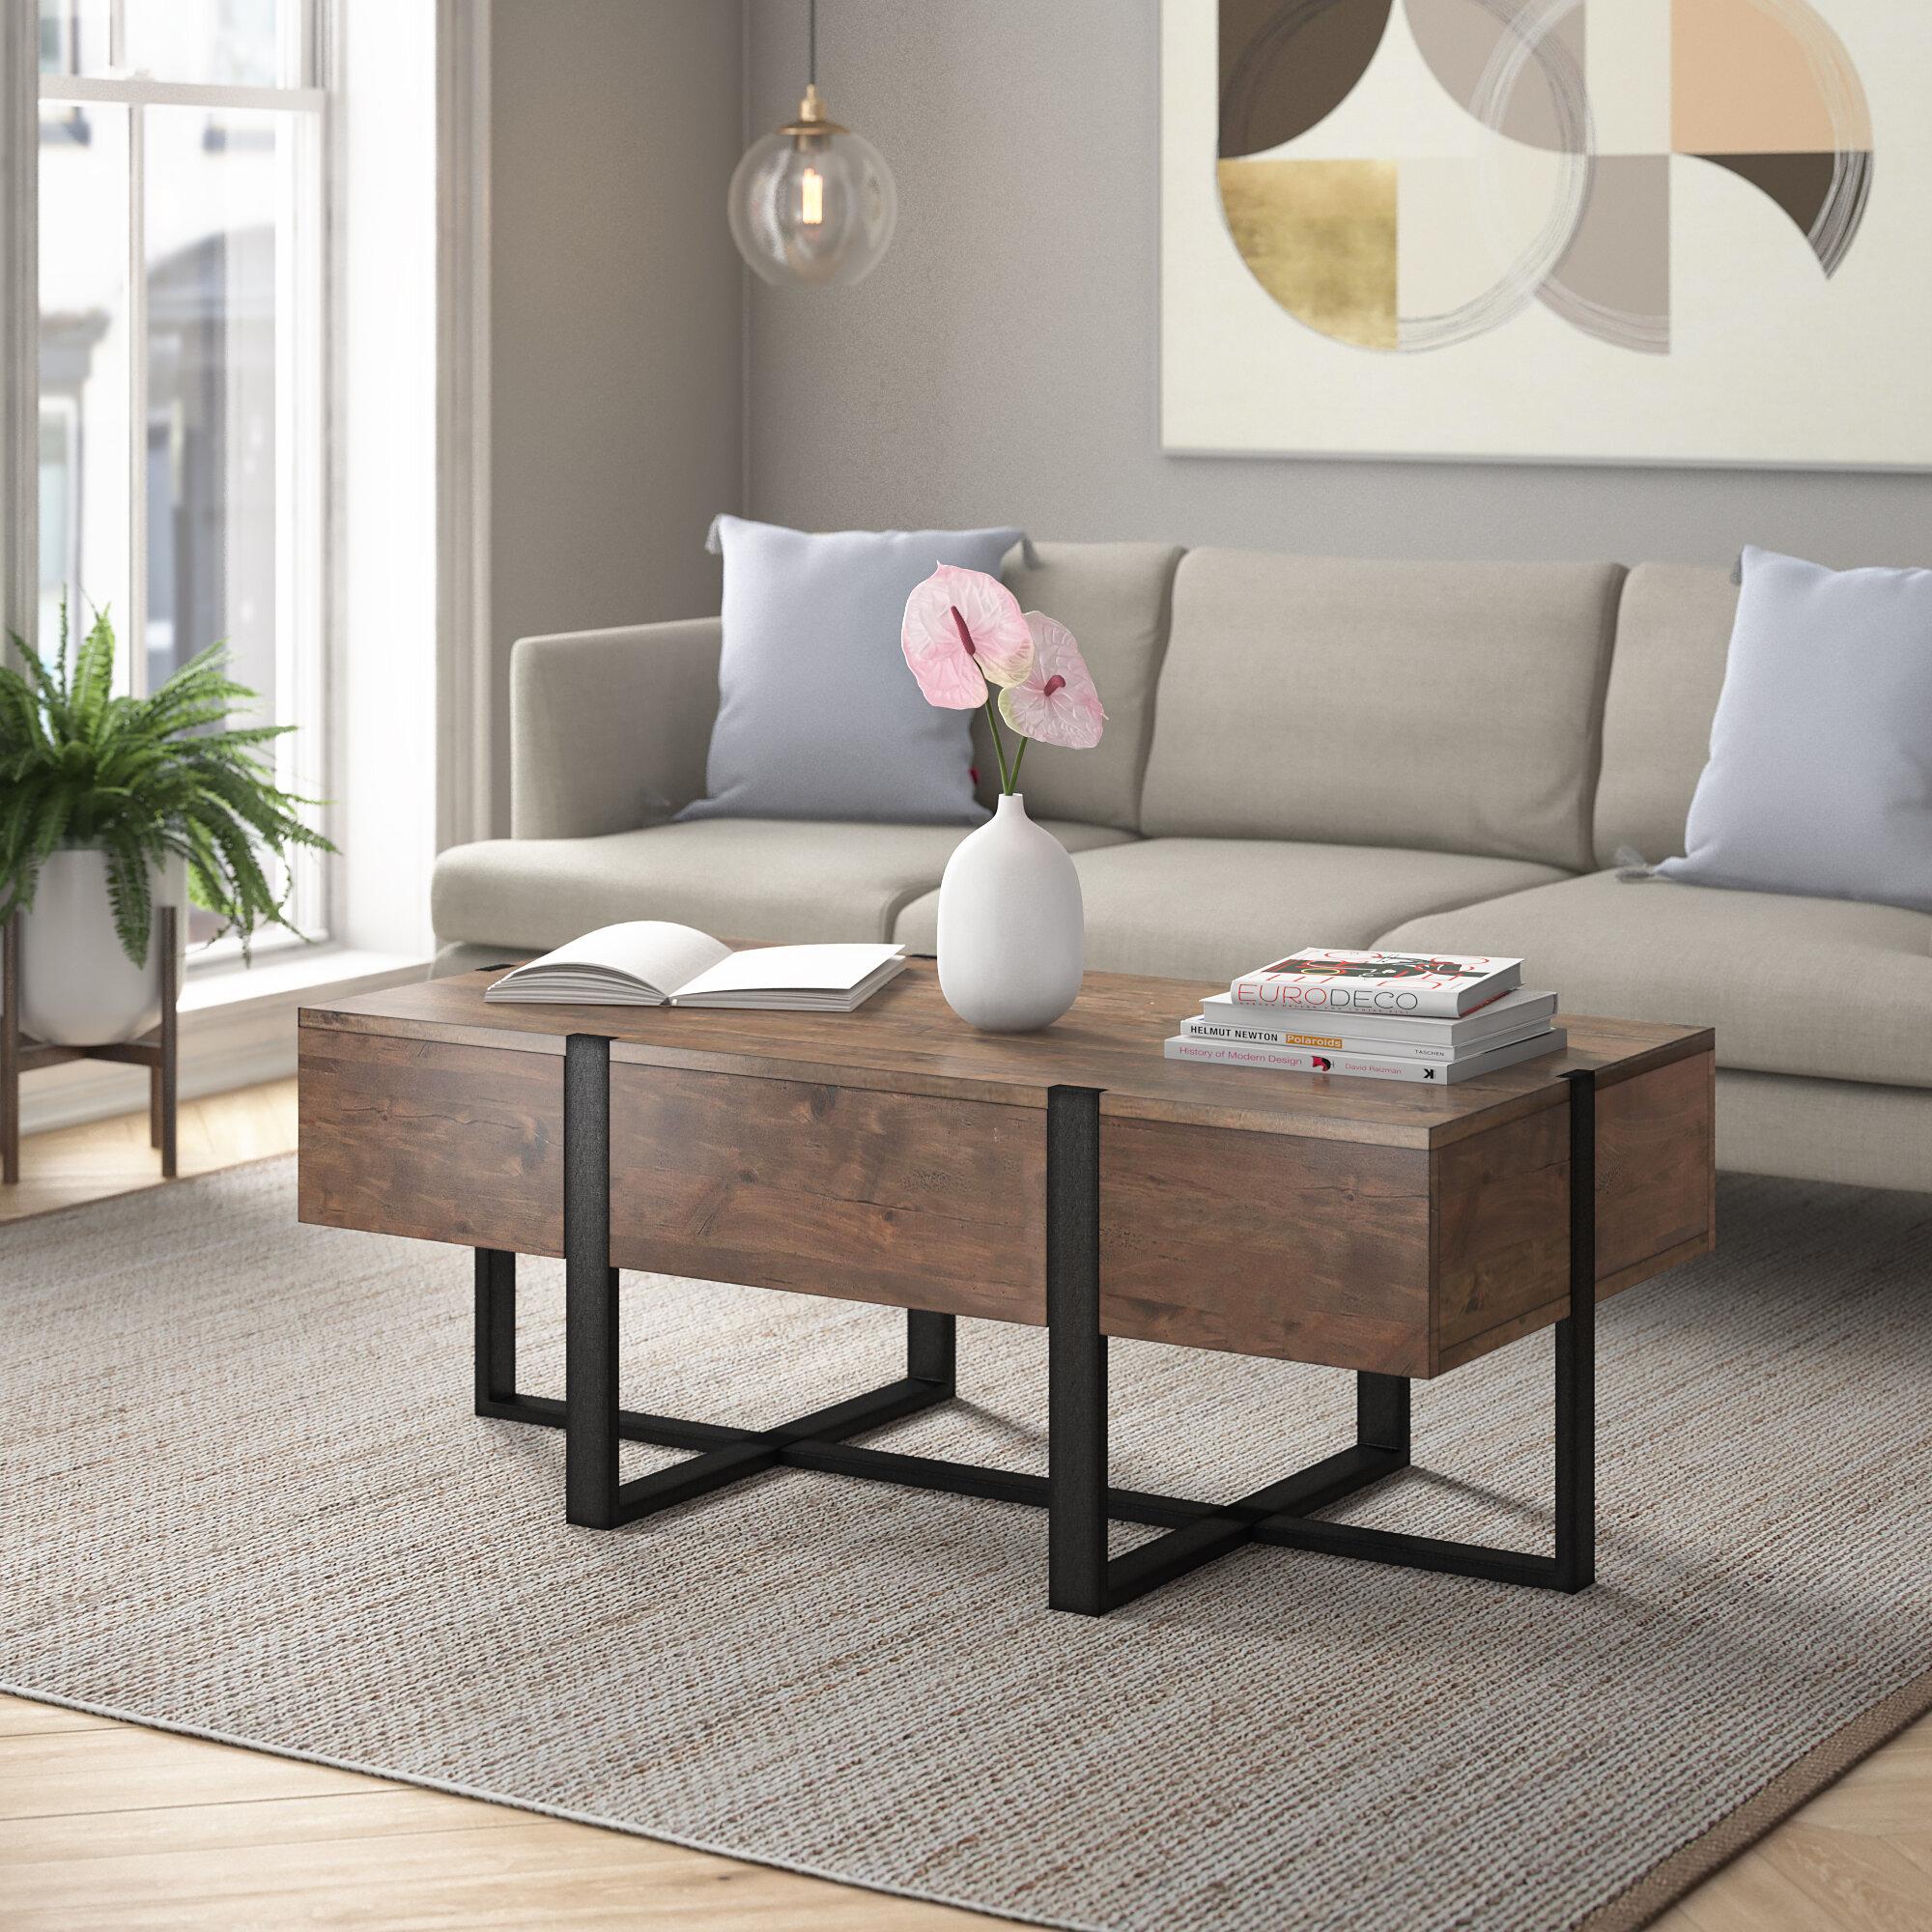 Foundstone Langdon Solid Wood Cross Legs Coffee Table Reviews Wayfair [ 2000 x 2000 Pixel ]